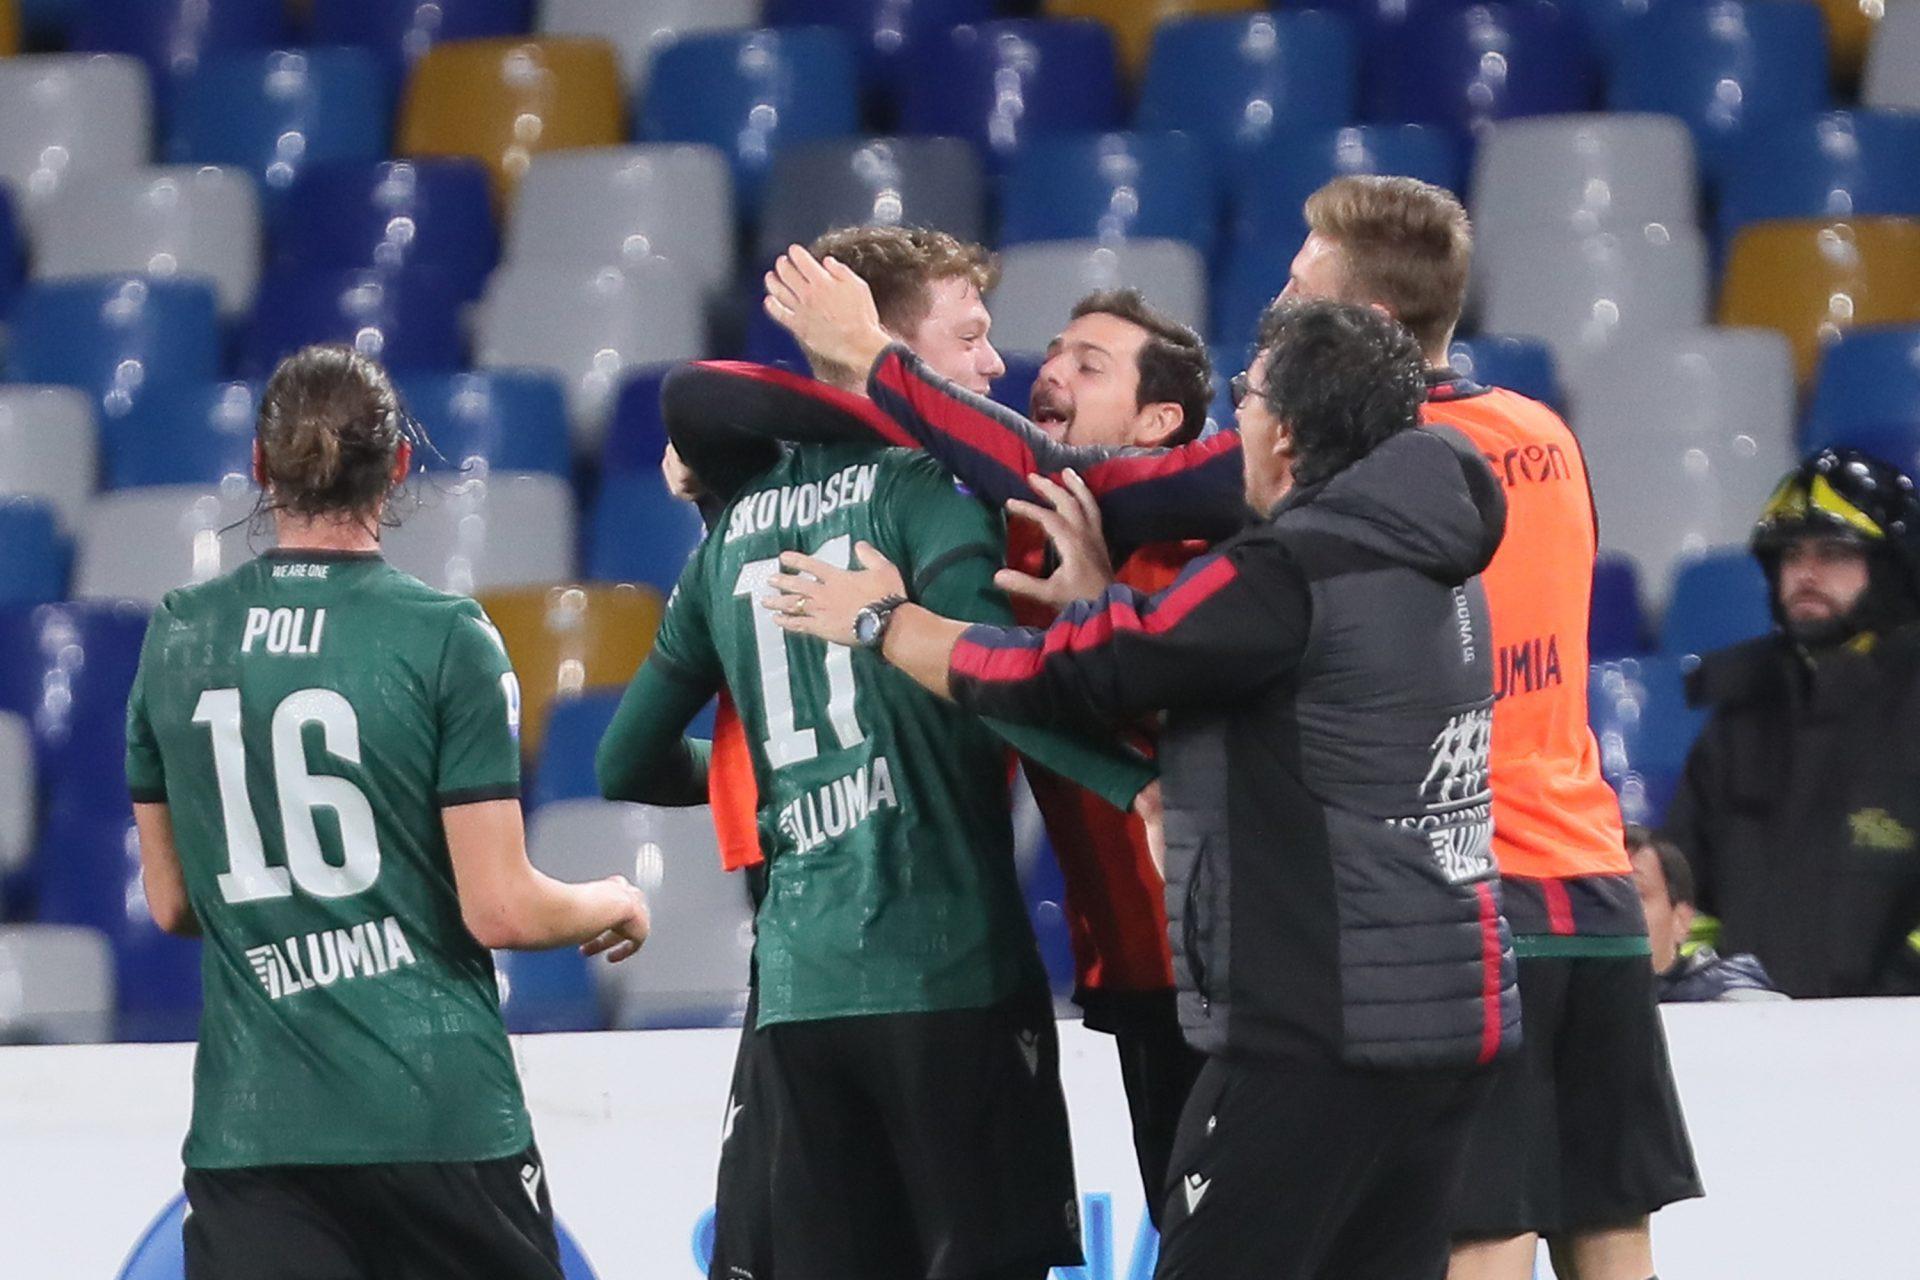 Le dichiarazioni di Olsen, Skorupski e De Leo dopo la grande vittoria contro il Napoli